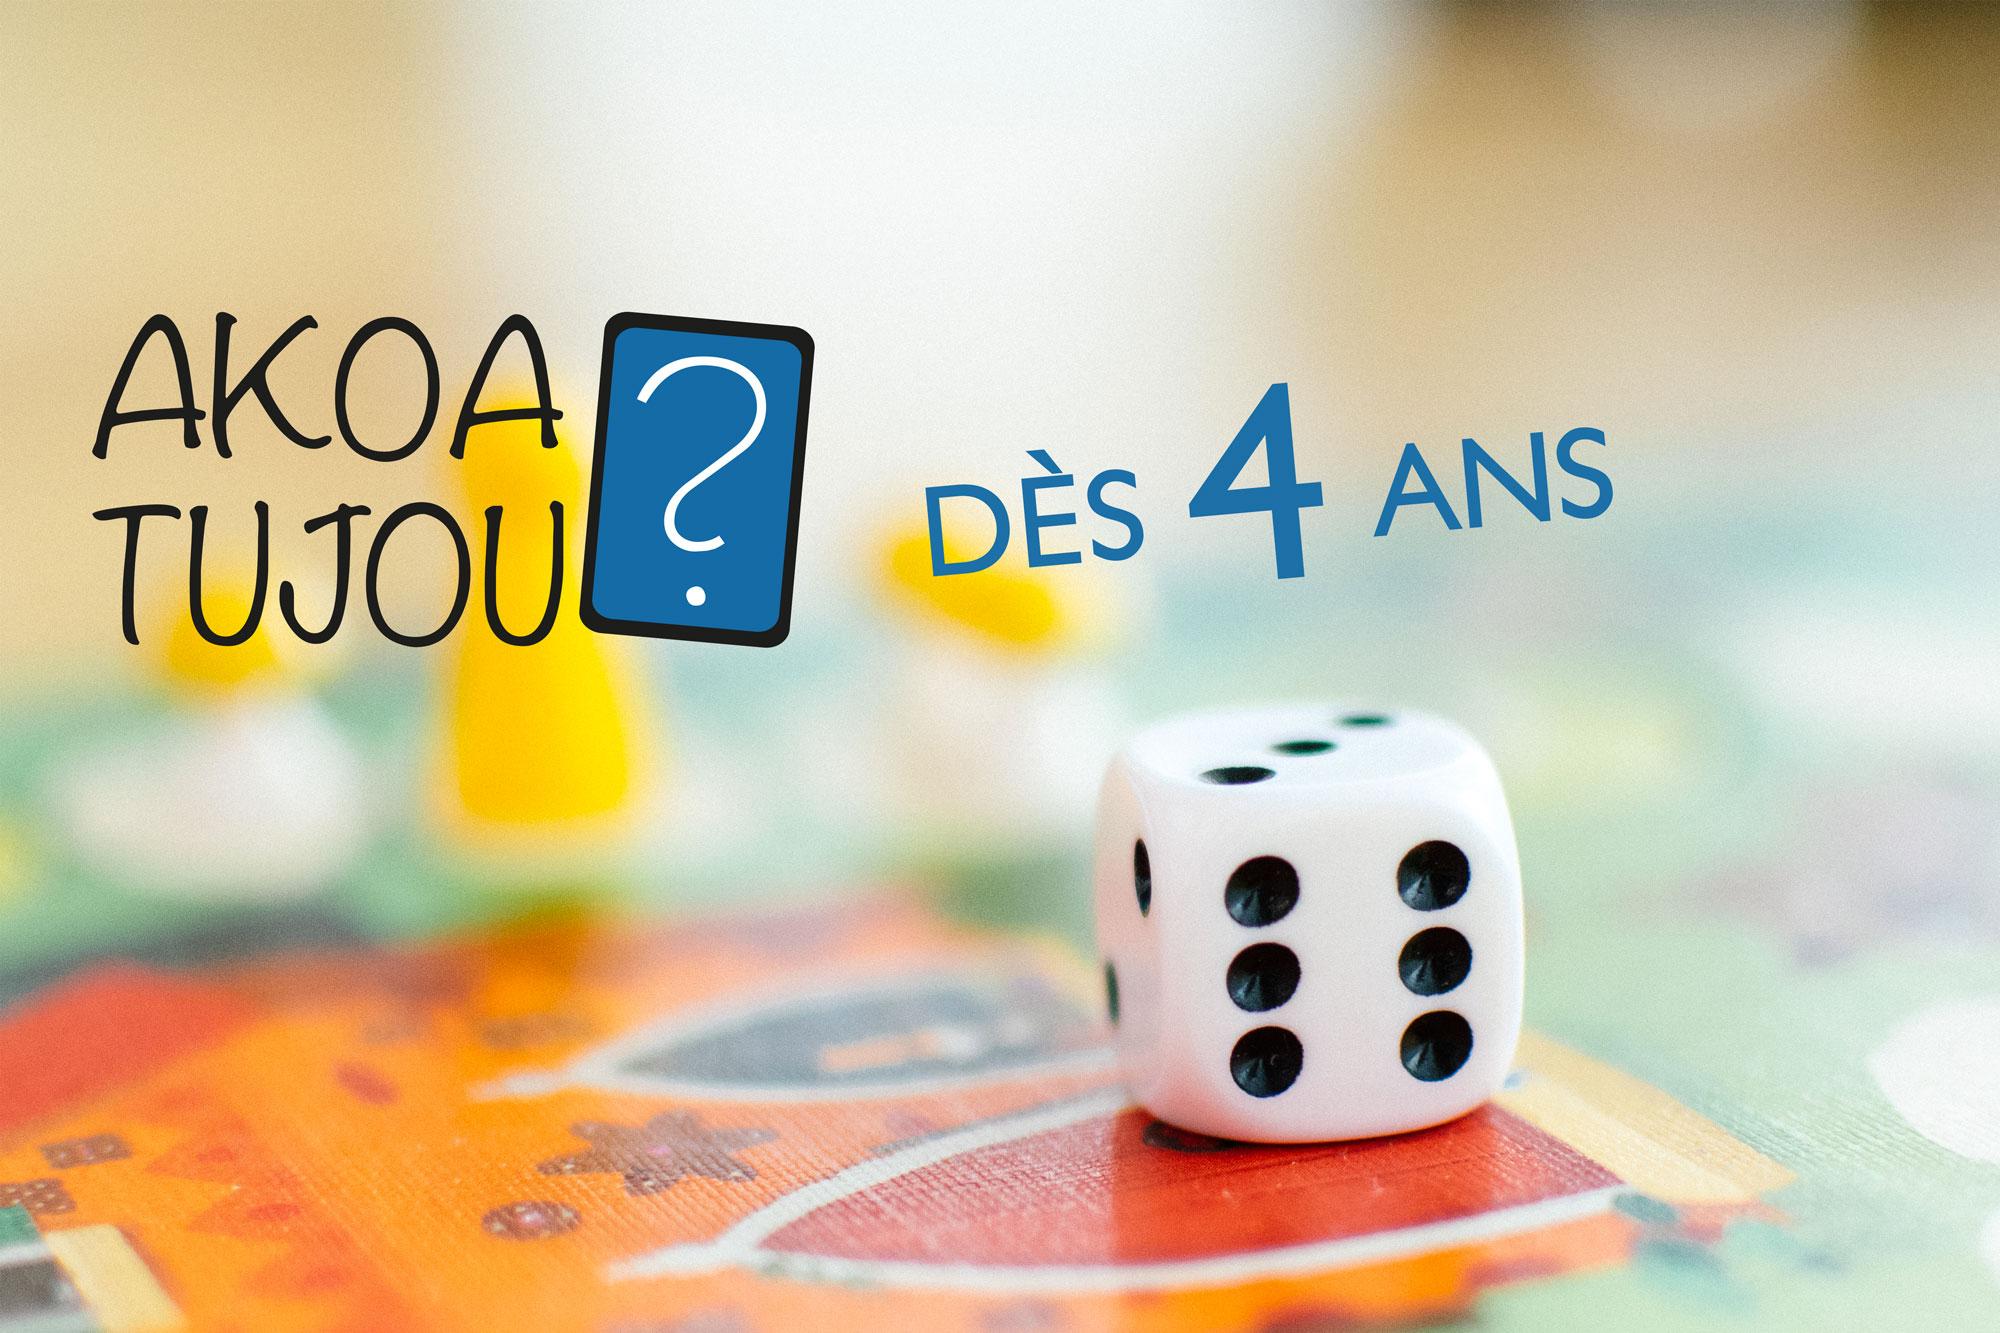 Nos Jeux De Société Dès 4 Ans - Jeux Pour Enfants - Akoa Tujou intérieur Jeux Gratuit 4 Ans